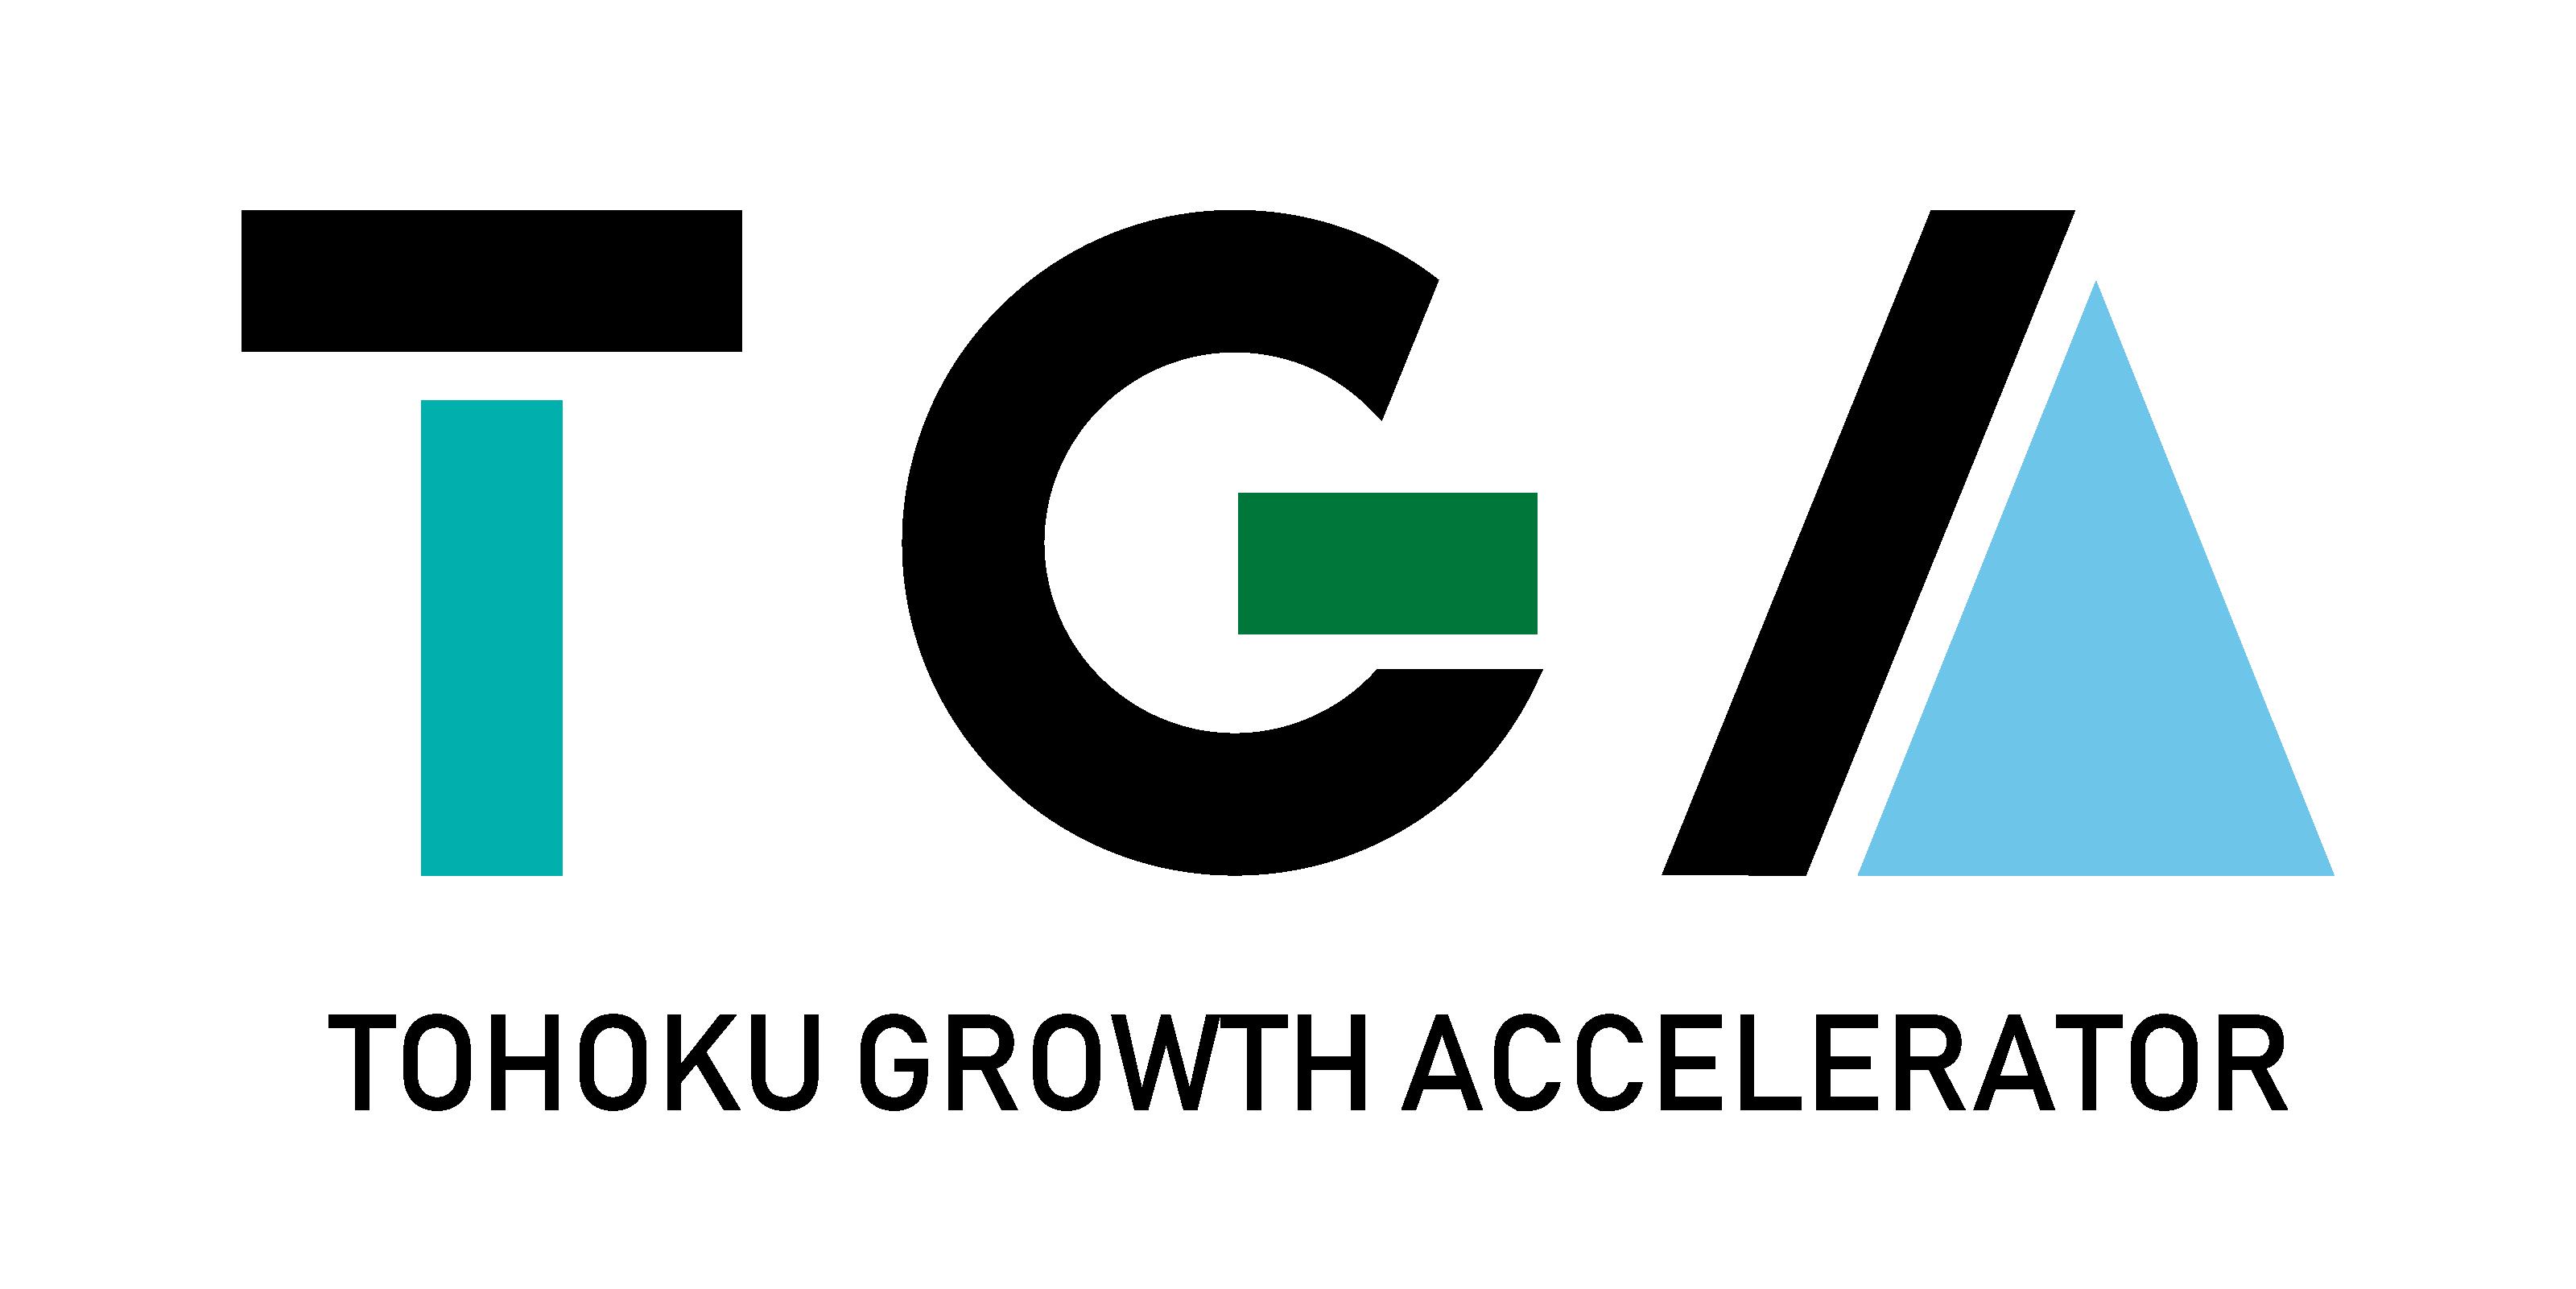 Tohoku Growth Accelerator